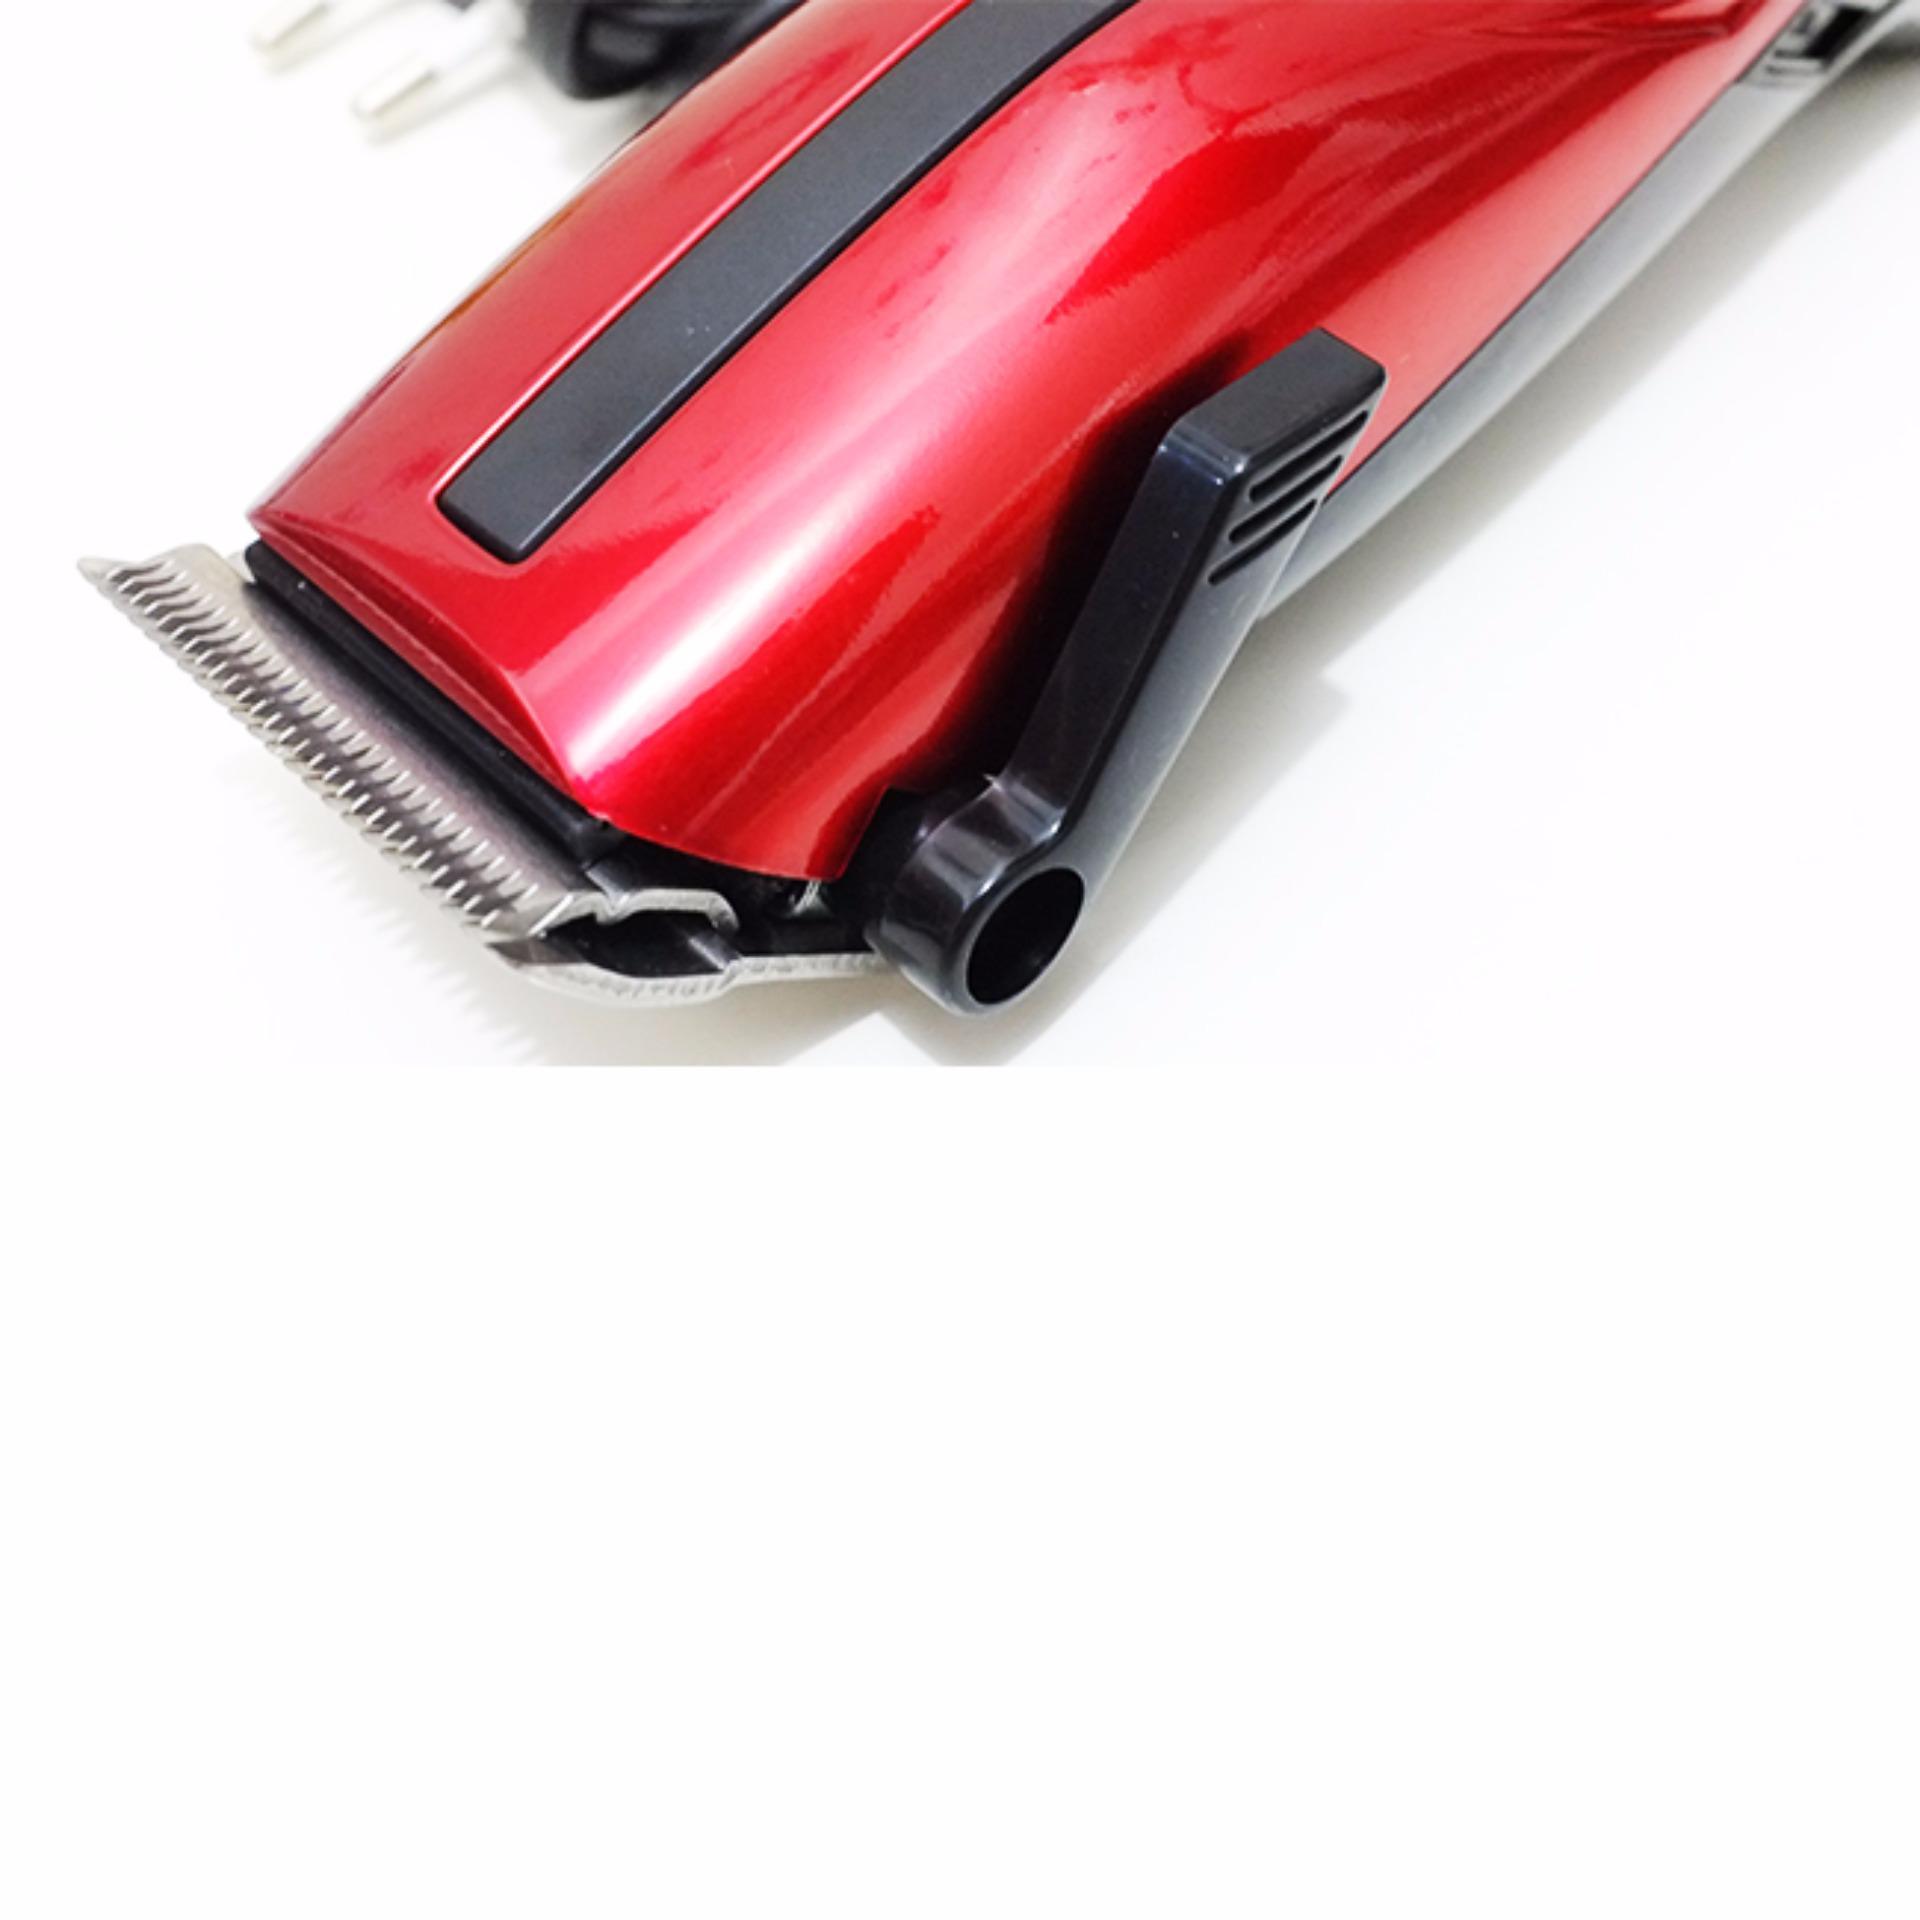 Promo Mesin cukur rambut atau alat cukur rambut Sonar SN-103 -